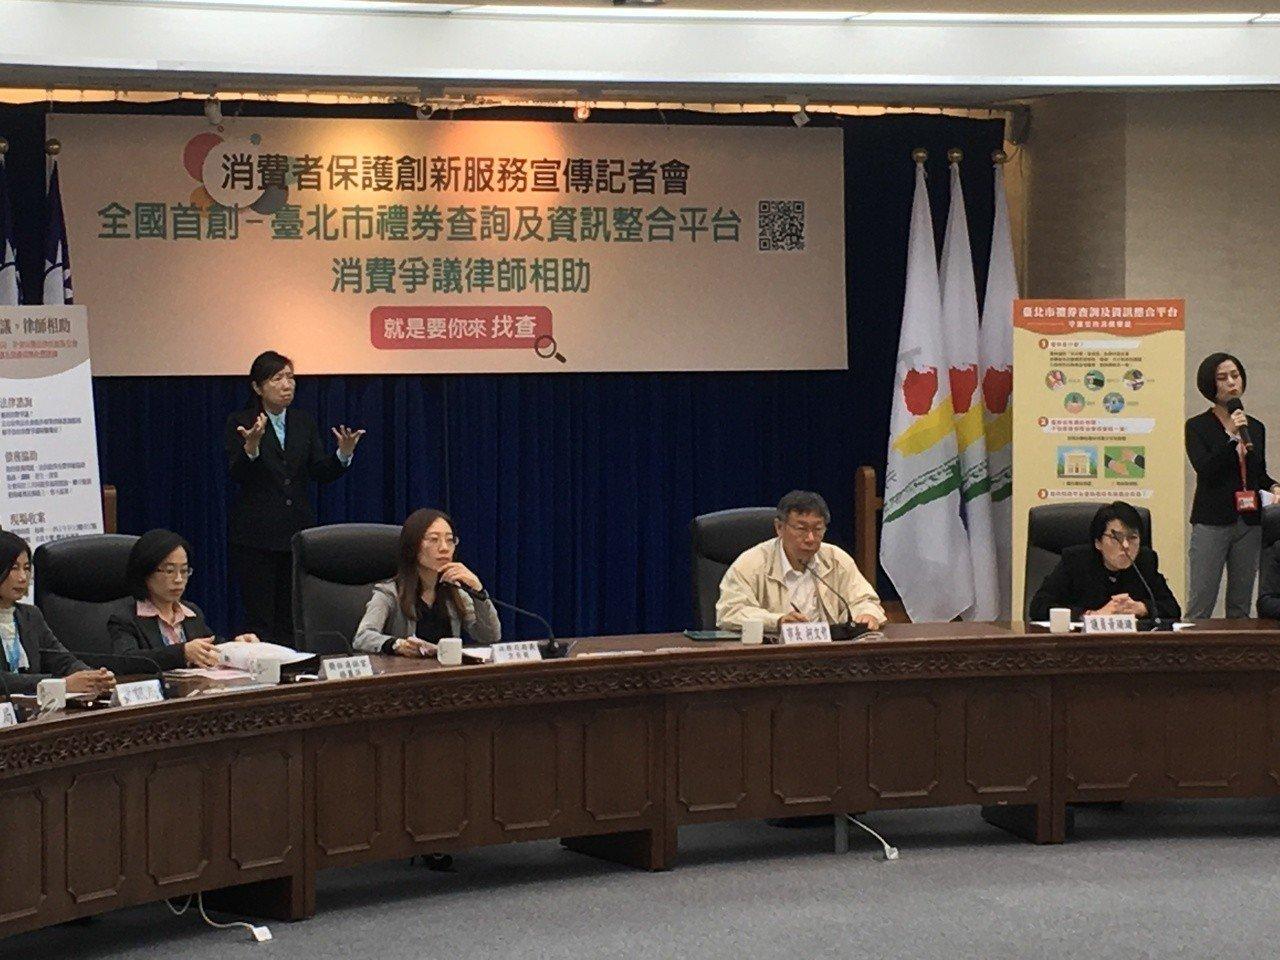 台北市長柯文哲今天上午出席「消費者保護創新服務」記者會。記者張世杰/攝影